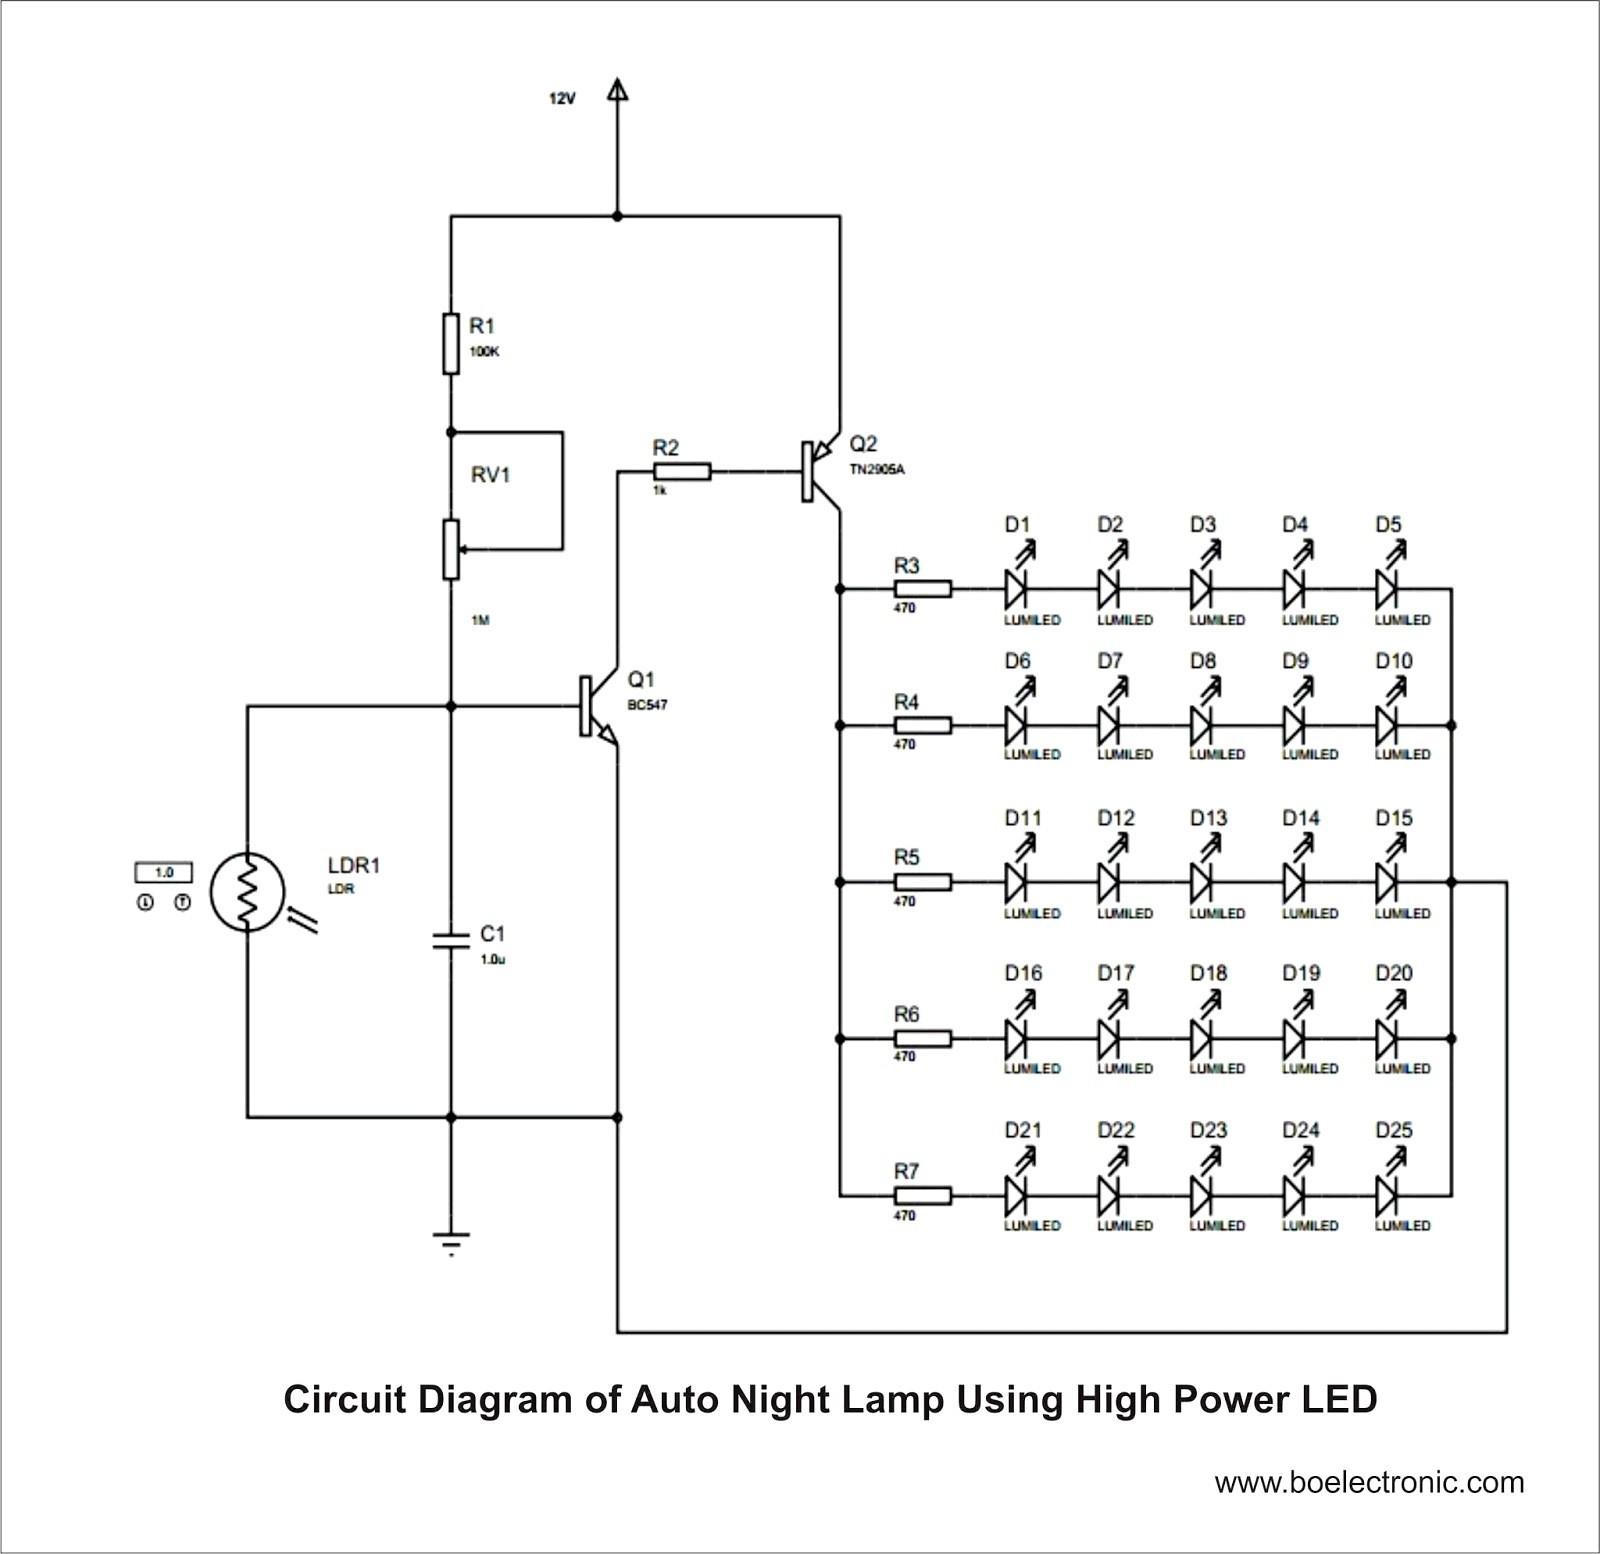 Awe Inspiring Lithonia Emergency Light Wiring Diagram Wiring Diagram Wiring Digital Resources Spoatbouhousnl